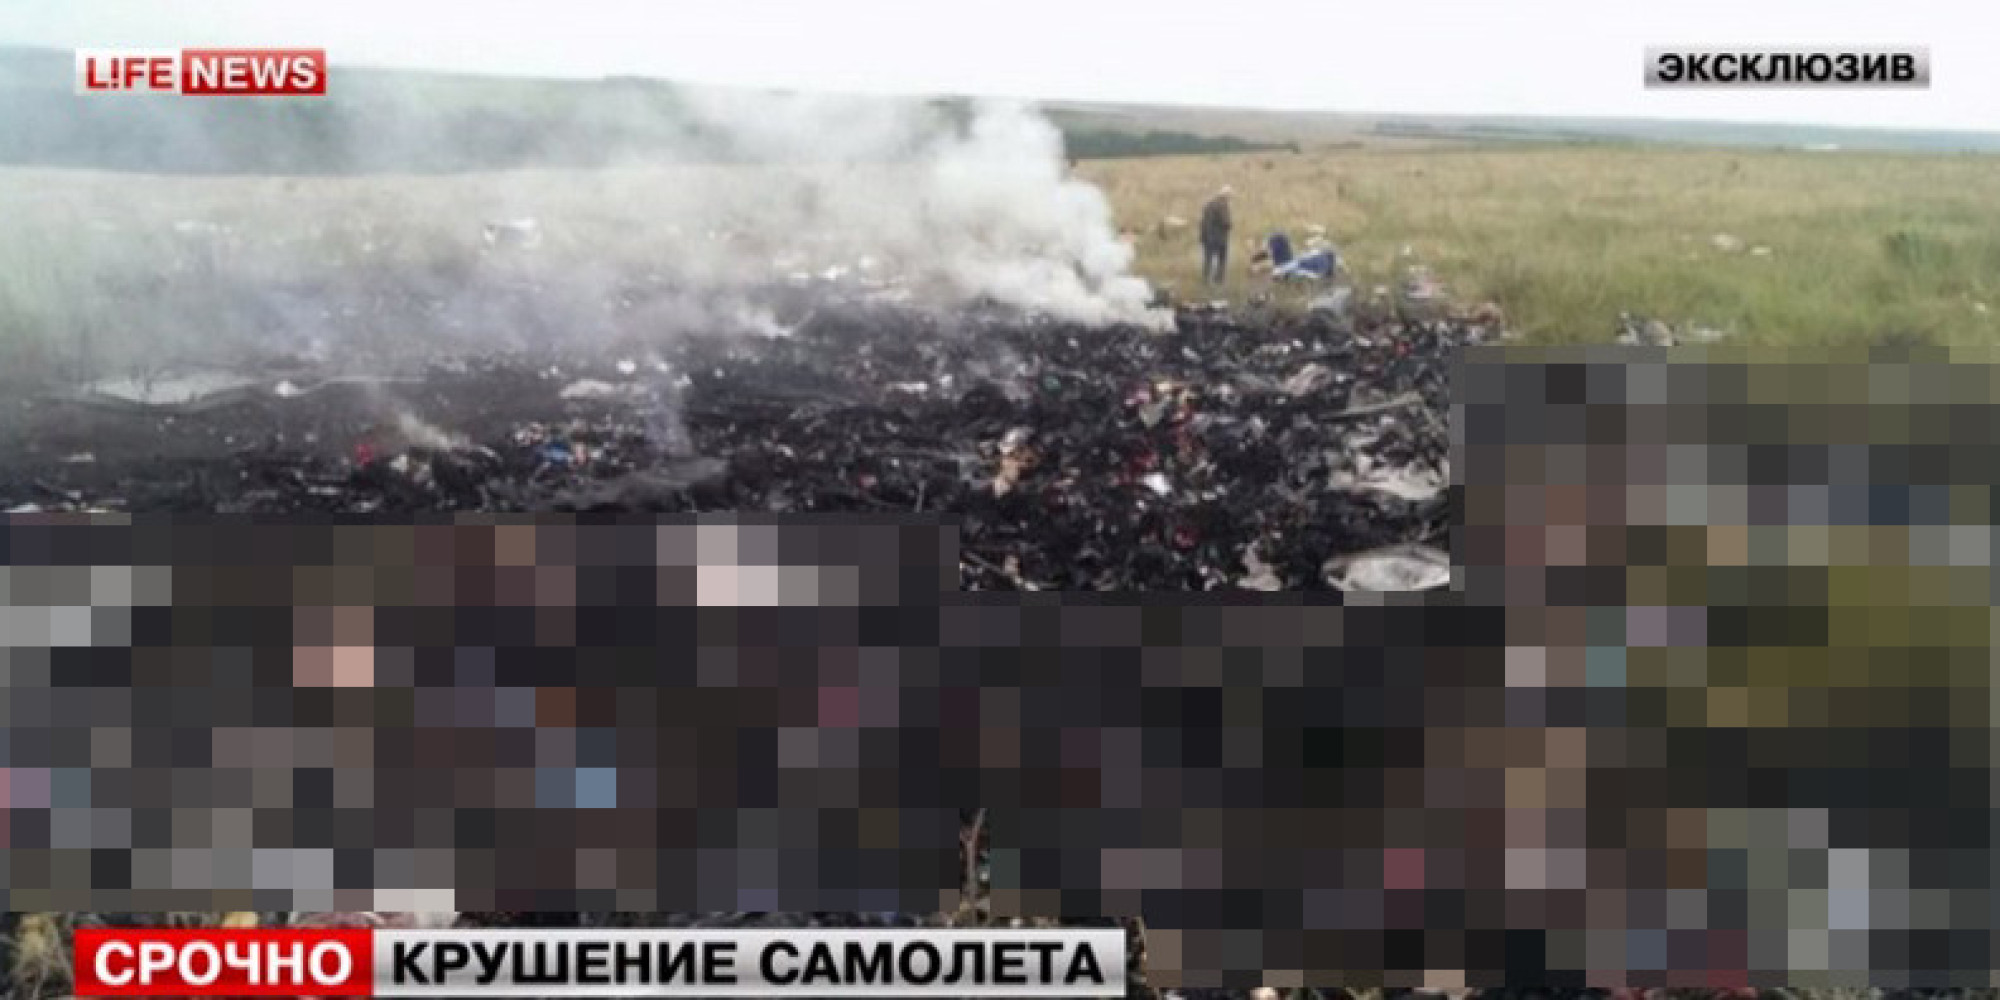 Фото крушения боинга украина 5